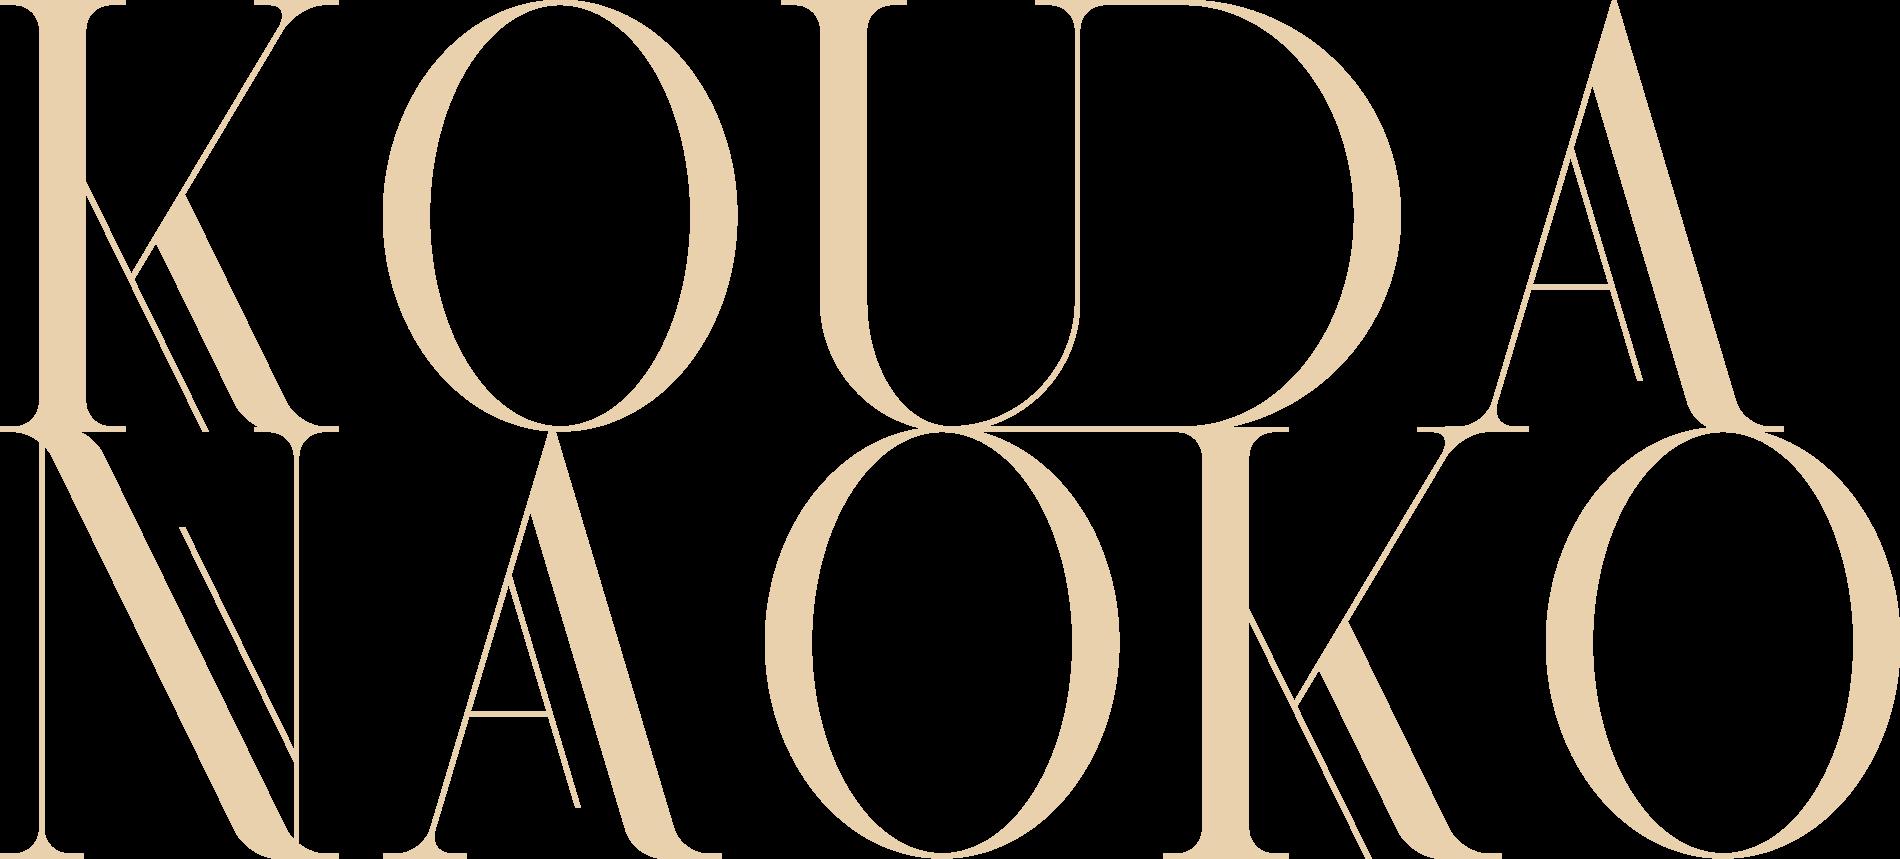 KOUDA NAOKO